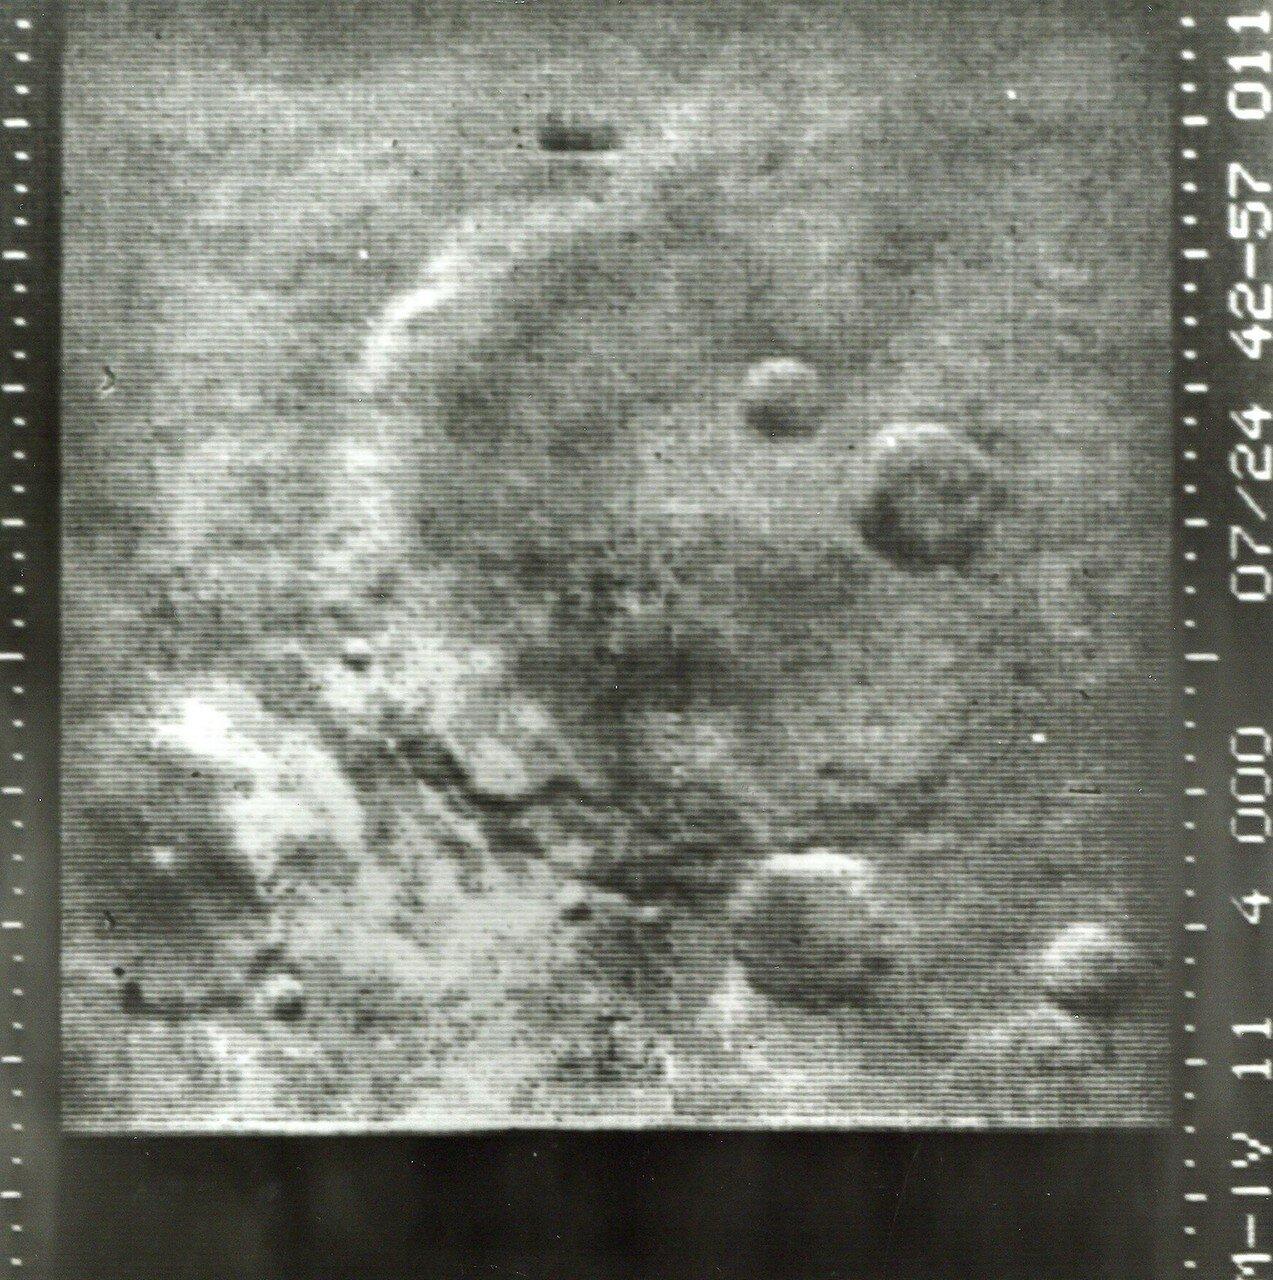 1965, июль. Маринер-4 совершил 14-15 июля 1965 года первый успешный облет Марса и стал первым космическим аппаратом, который сделал снимки другой планеты с близкого расстояния и передал их на Землю. Качество полученных снимков Марса было низким